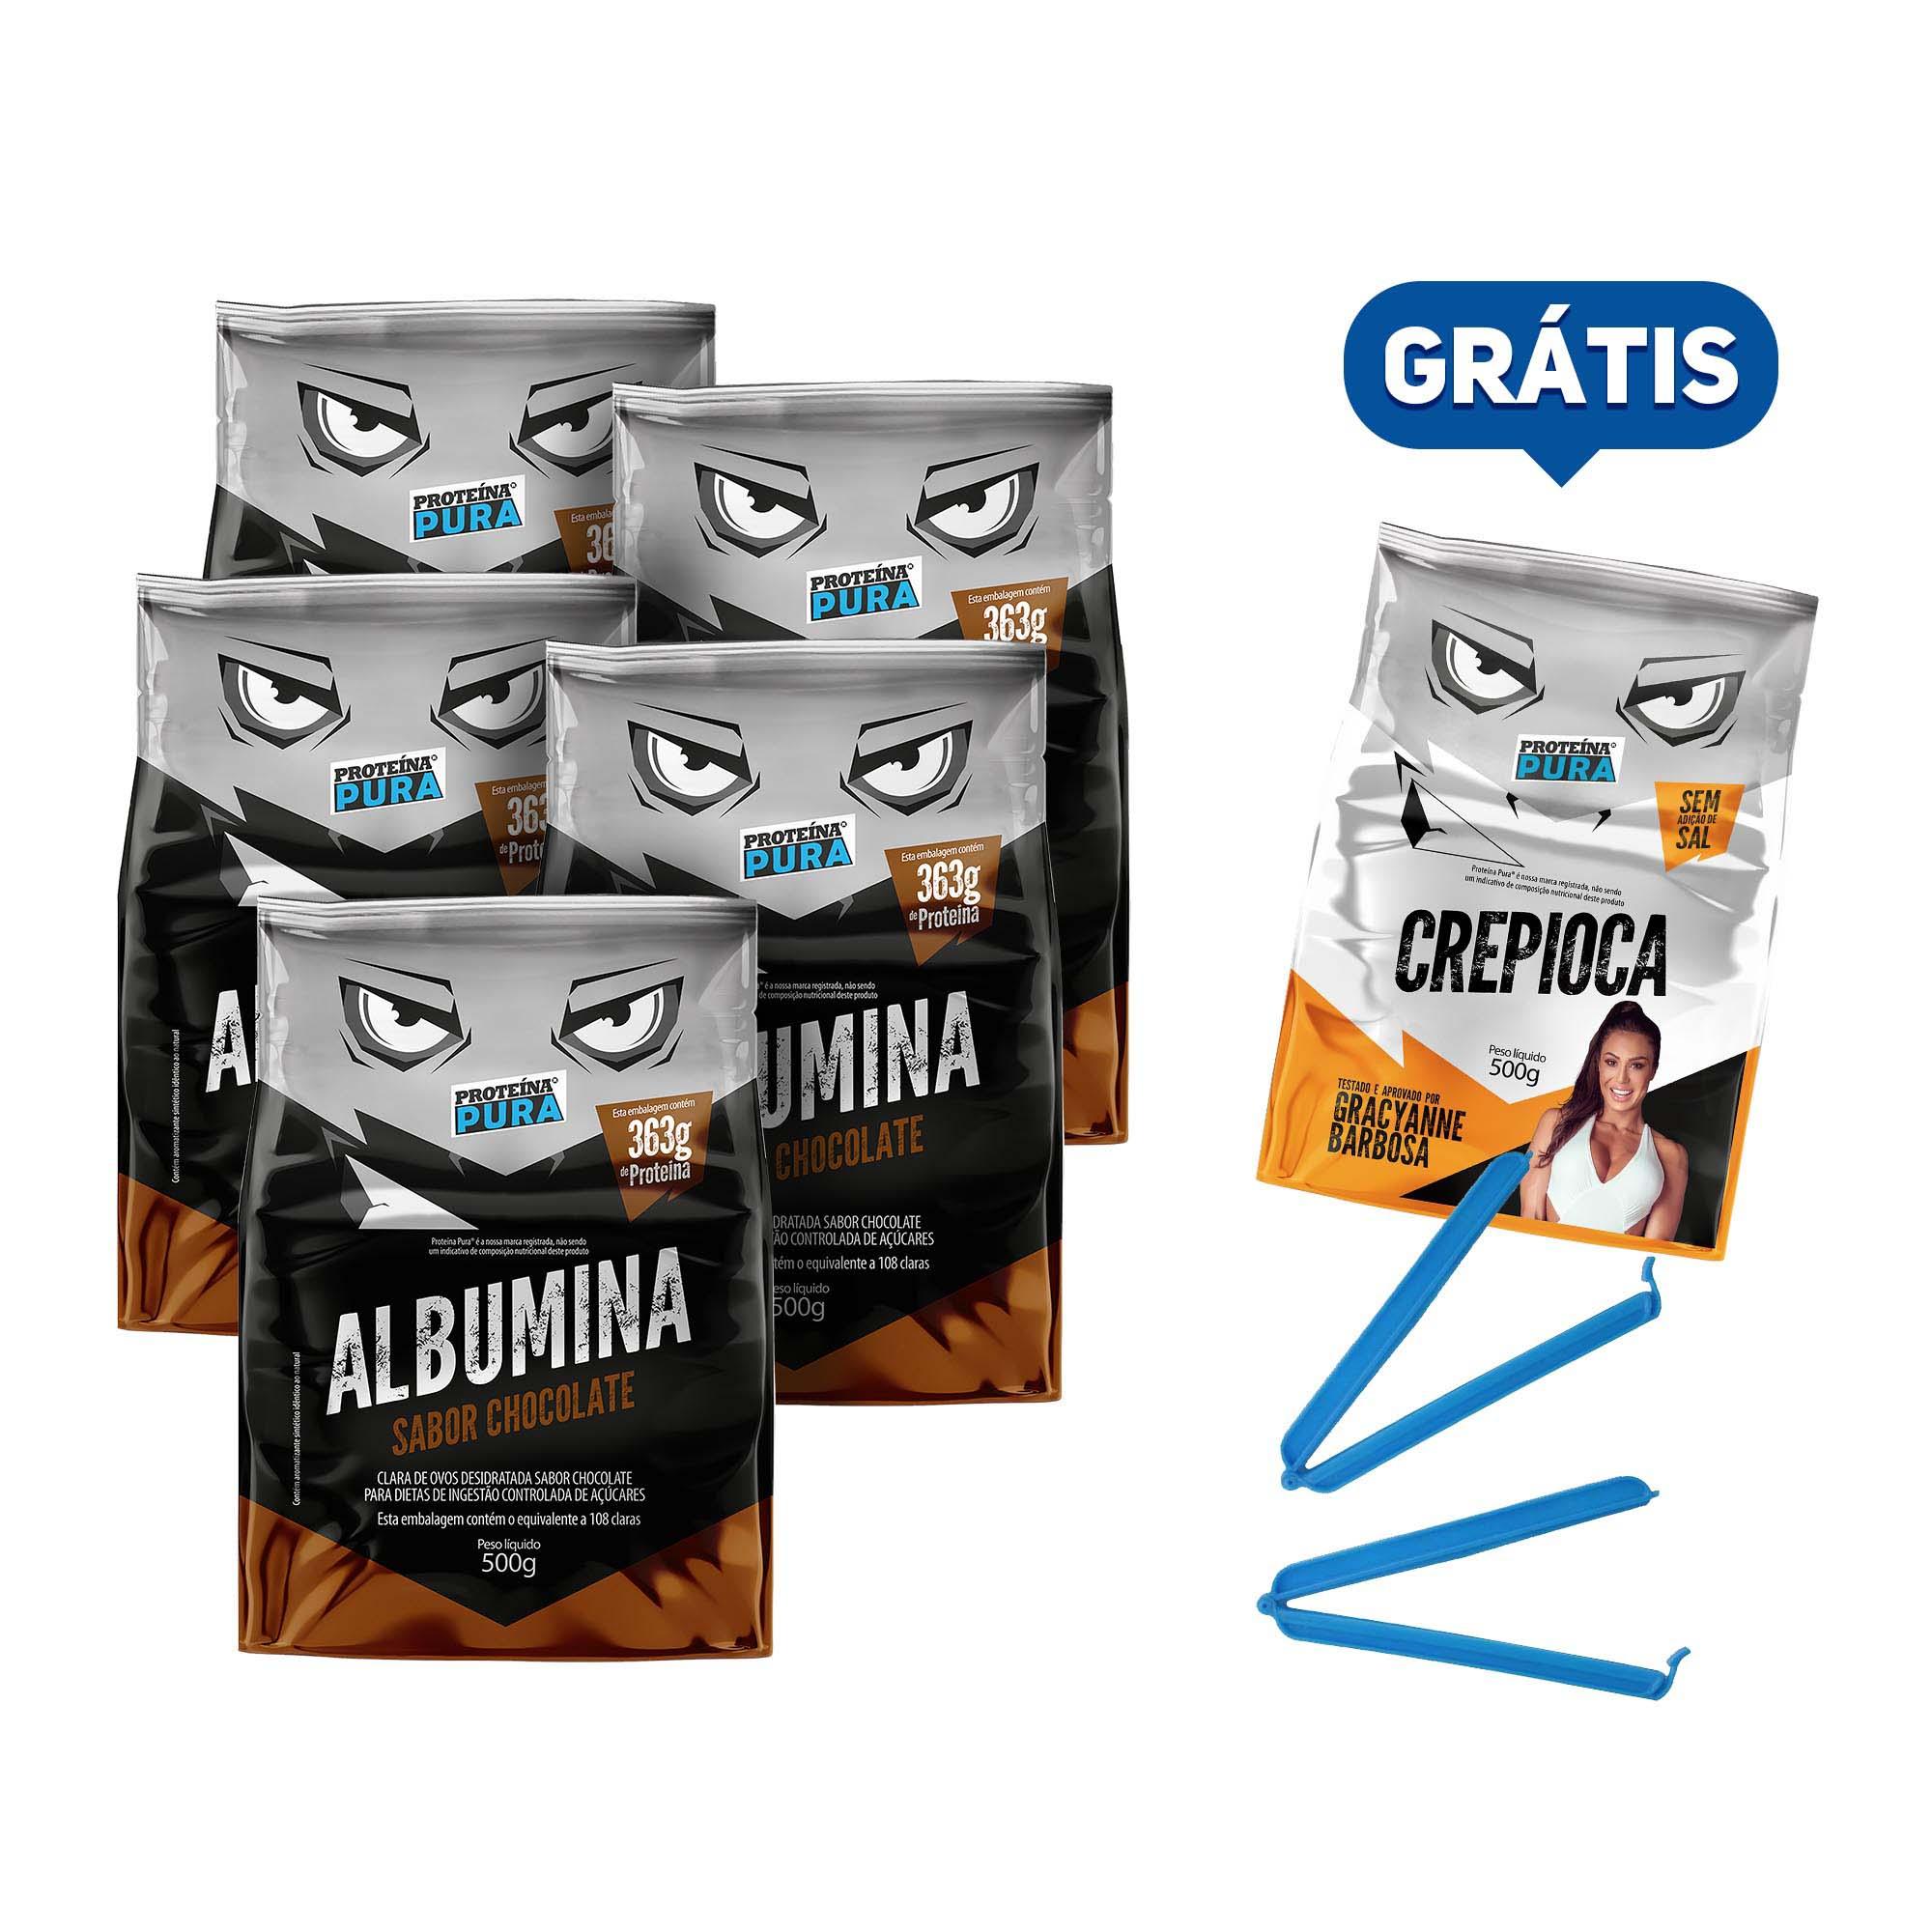 Kit Albumina Chocolate - (5 un x 500g) - Proteína Pura